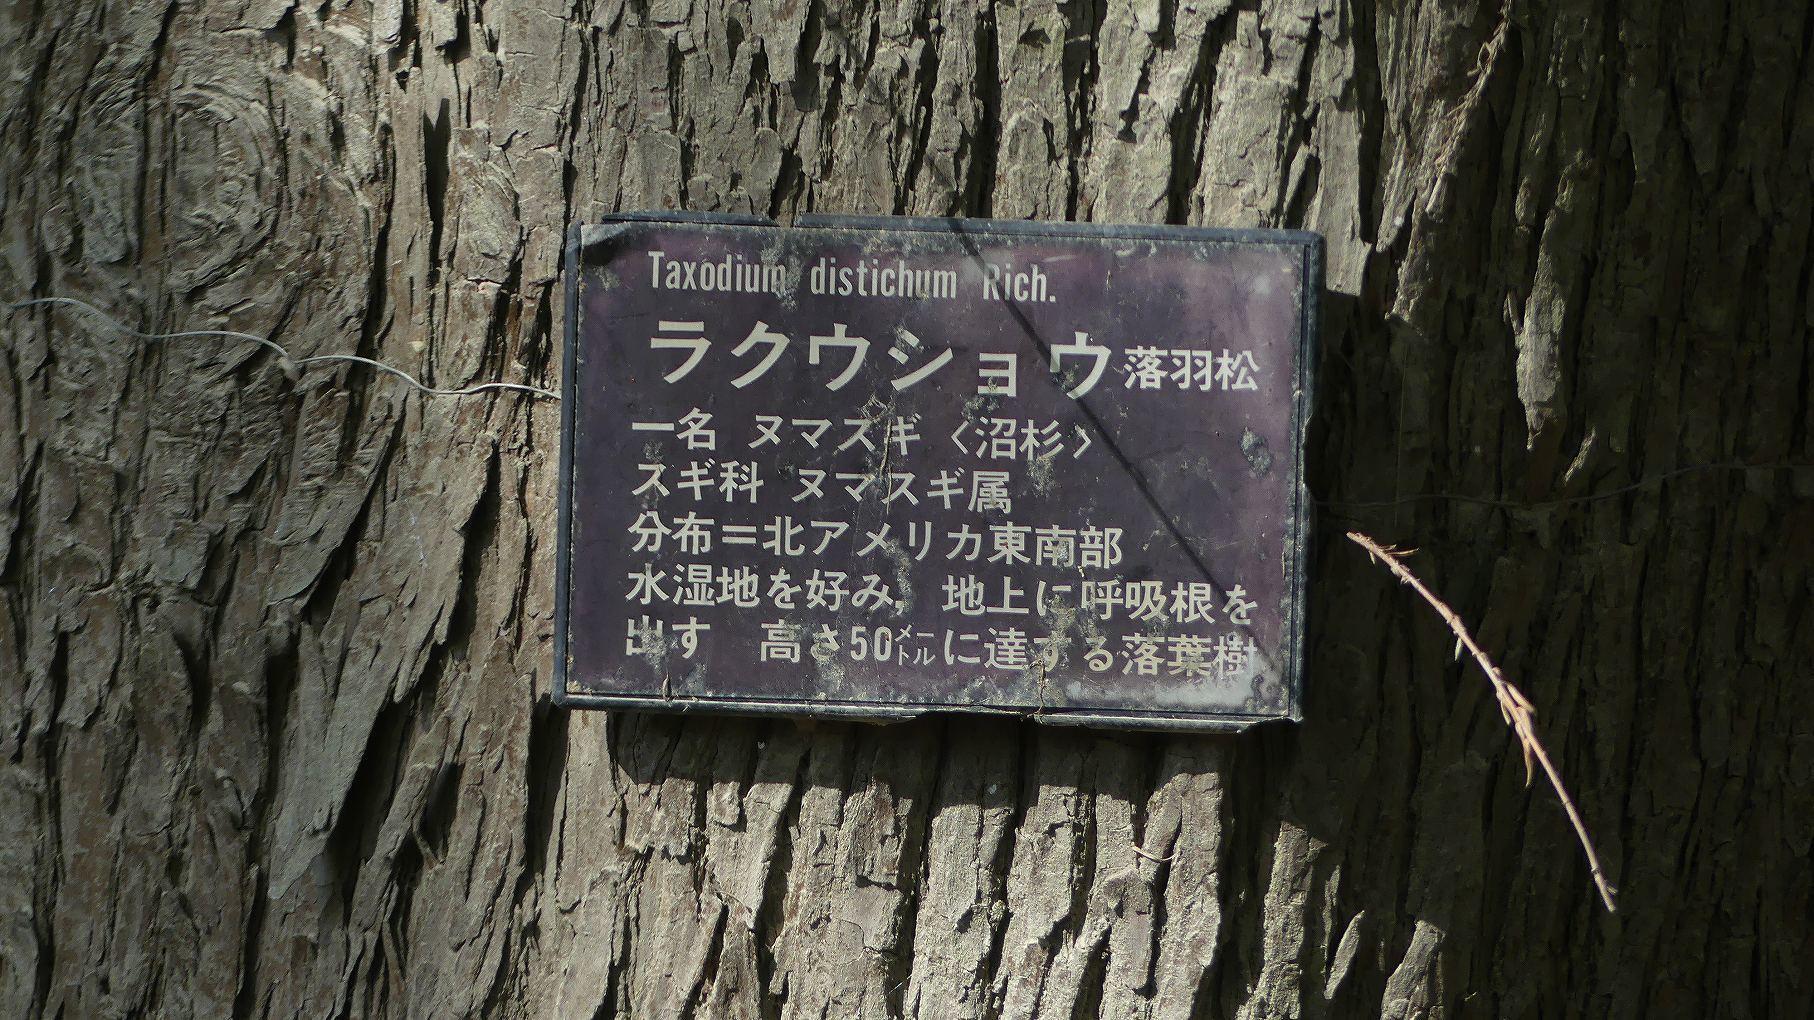 秋ヶ瀬公園ふたりぼっち 【 2019 11/9(土) 】_a0185081_15191230.jpg